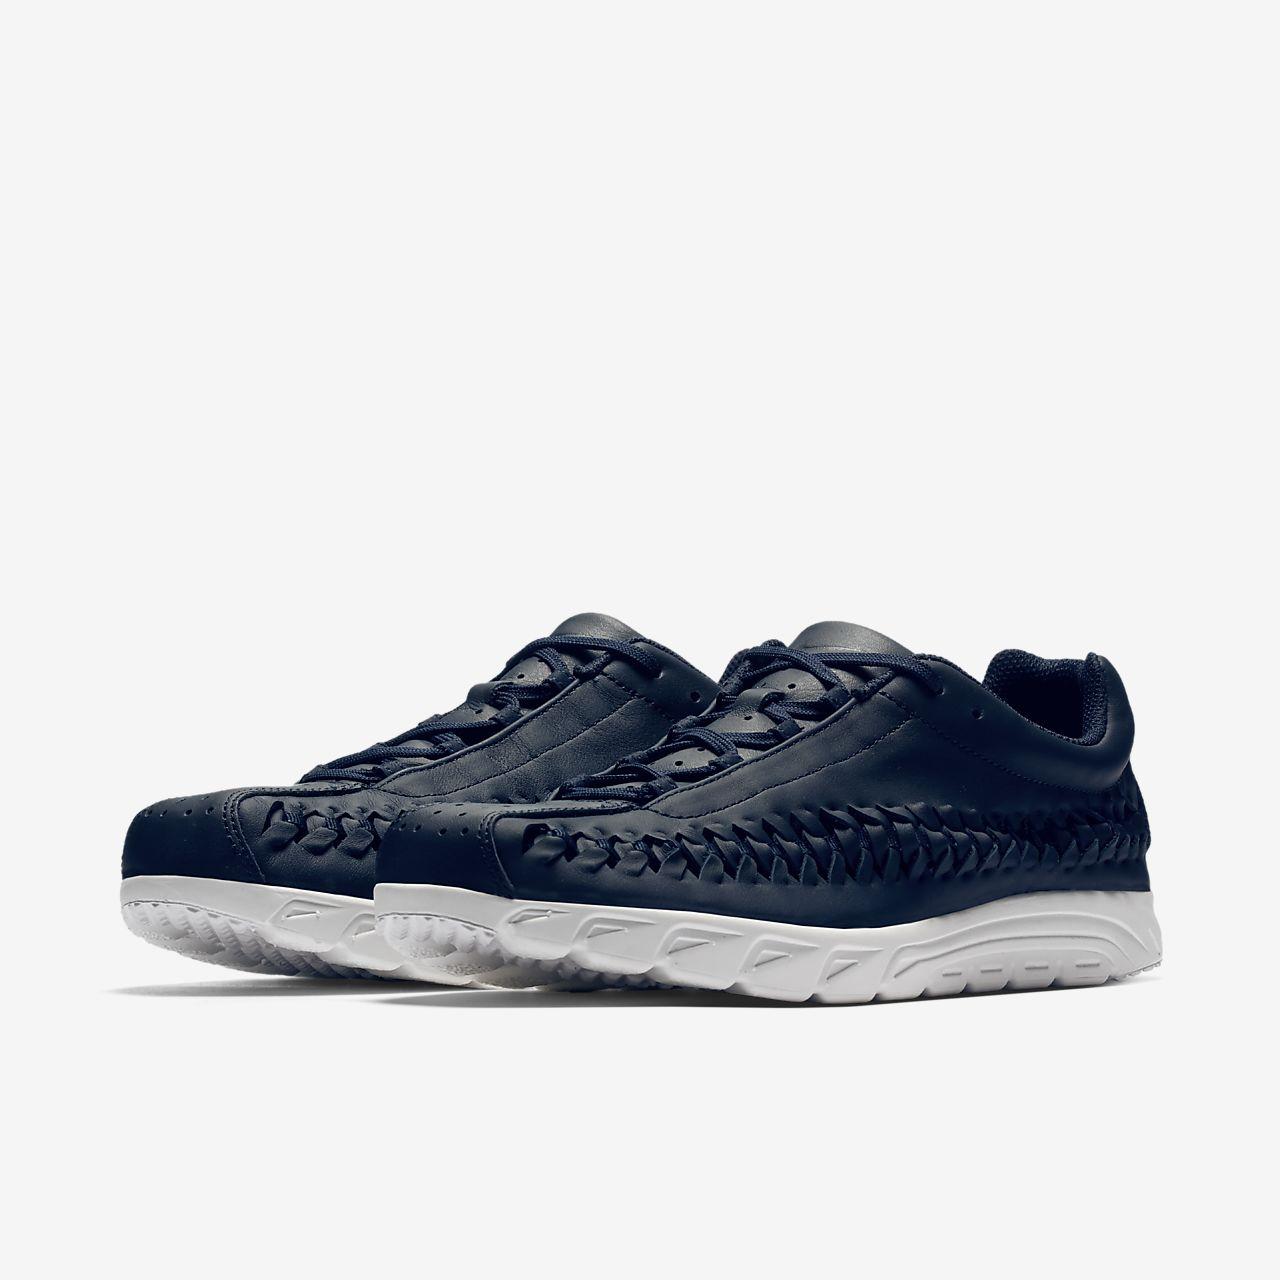 a88a7cf29fc Nike Mayfly Woven Men s Shoe. Nike.com CH